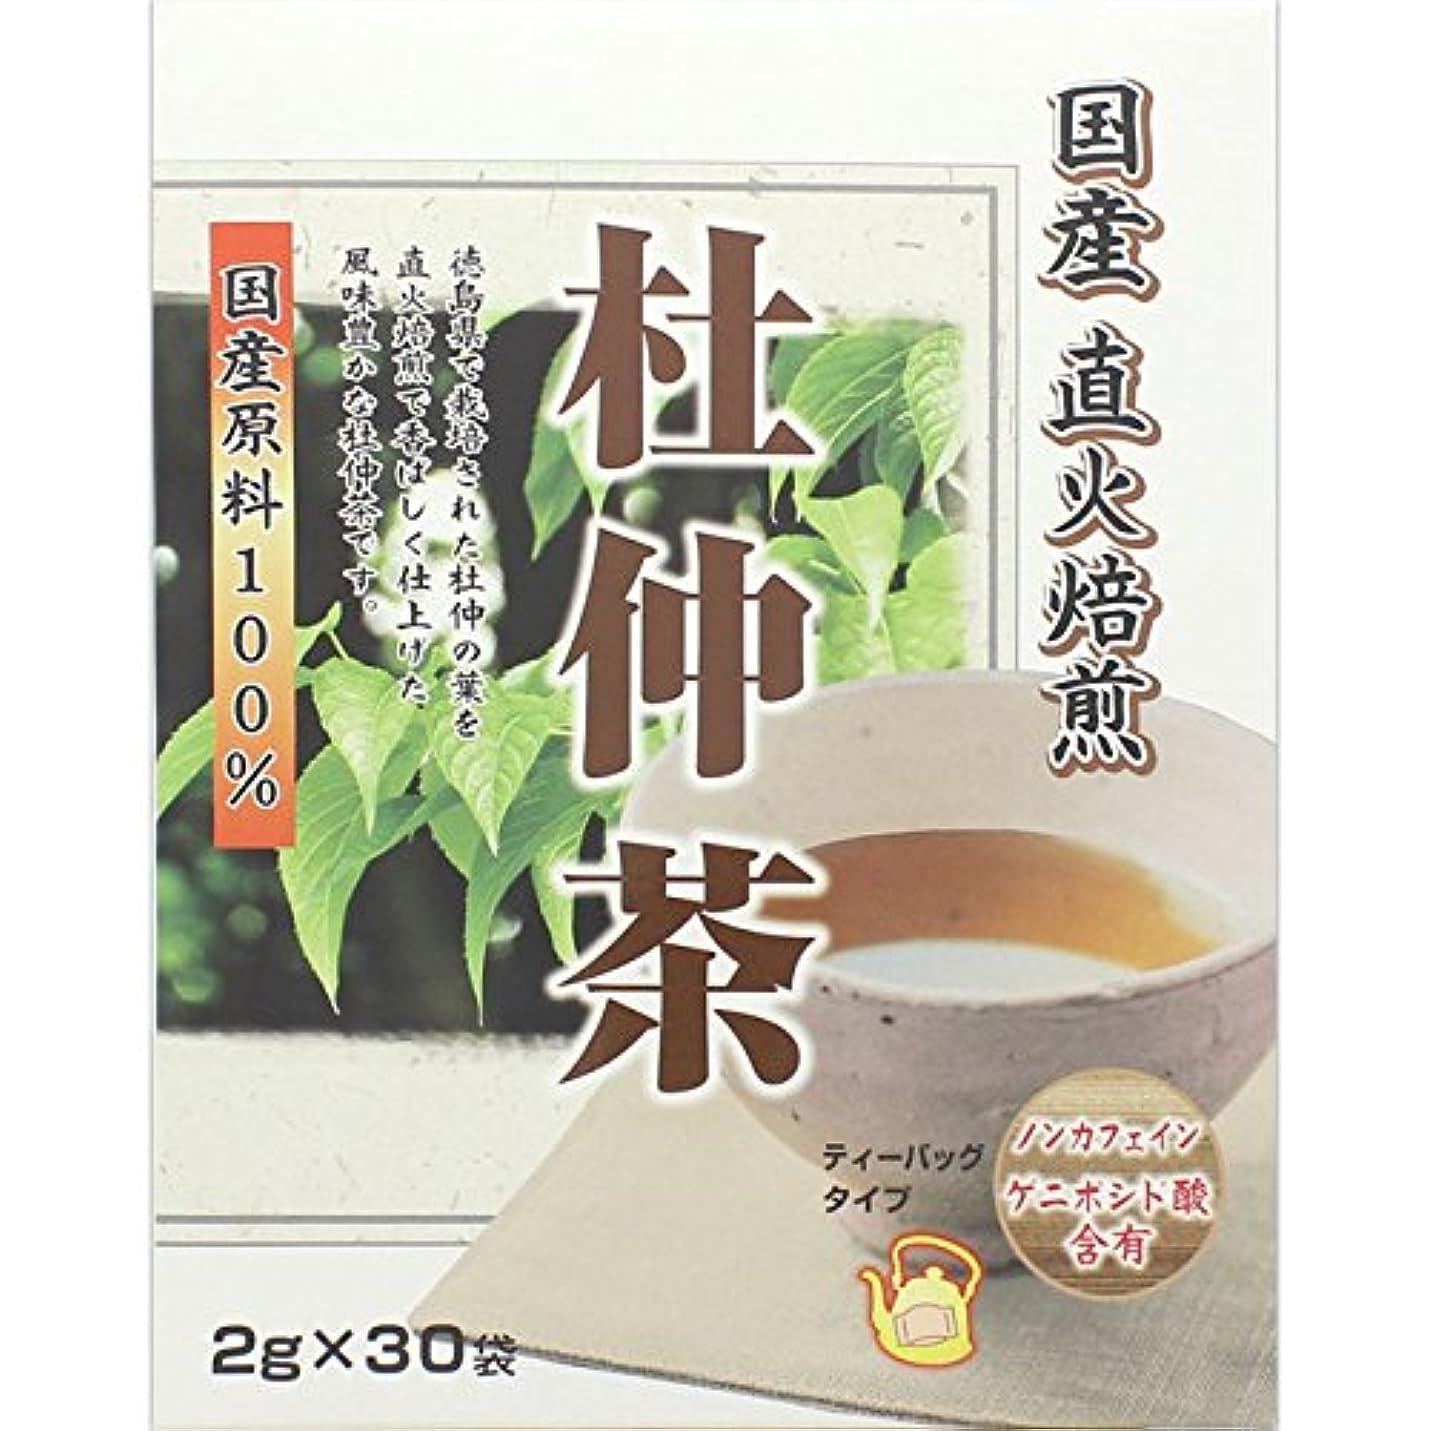 机拷問コンベンション国産直火焙煎 杜仲茶 2gX30包